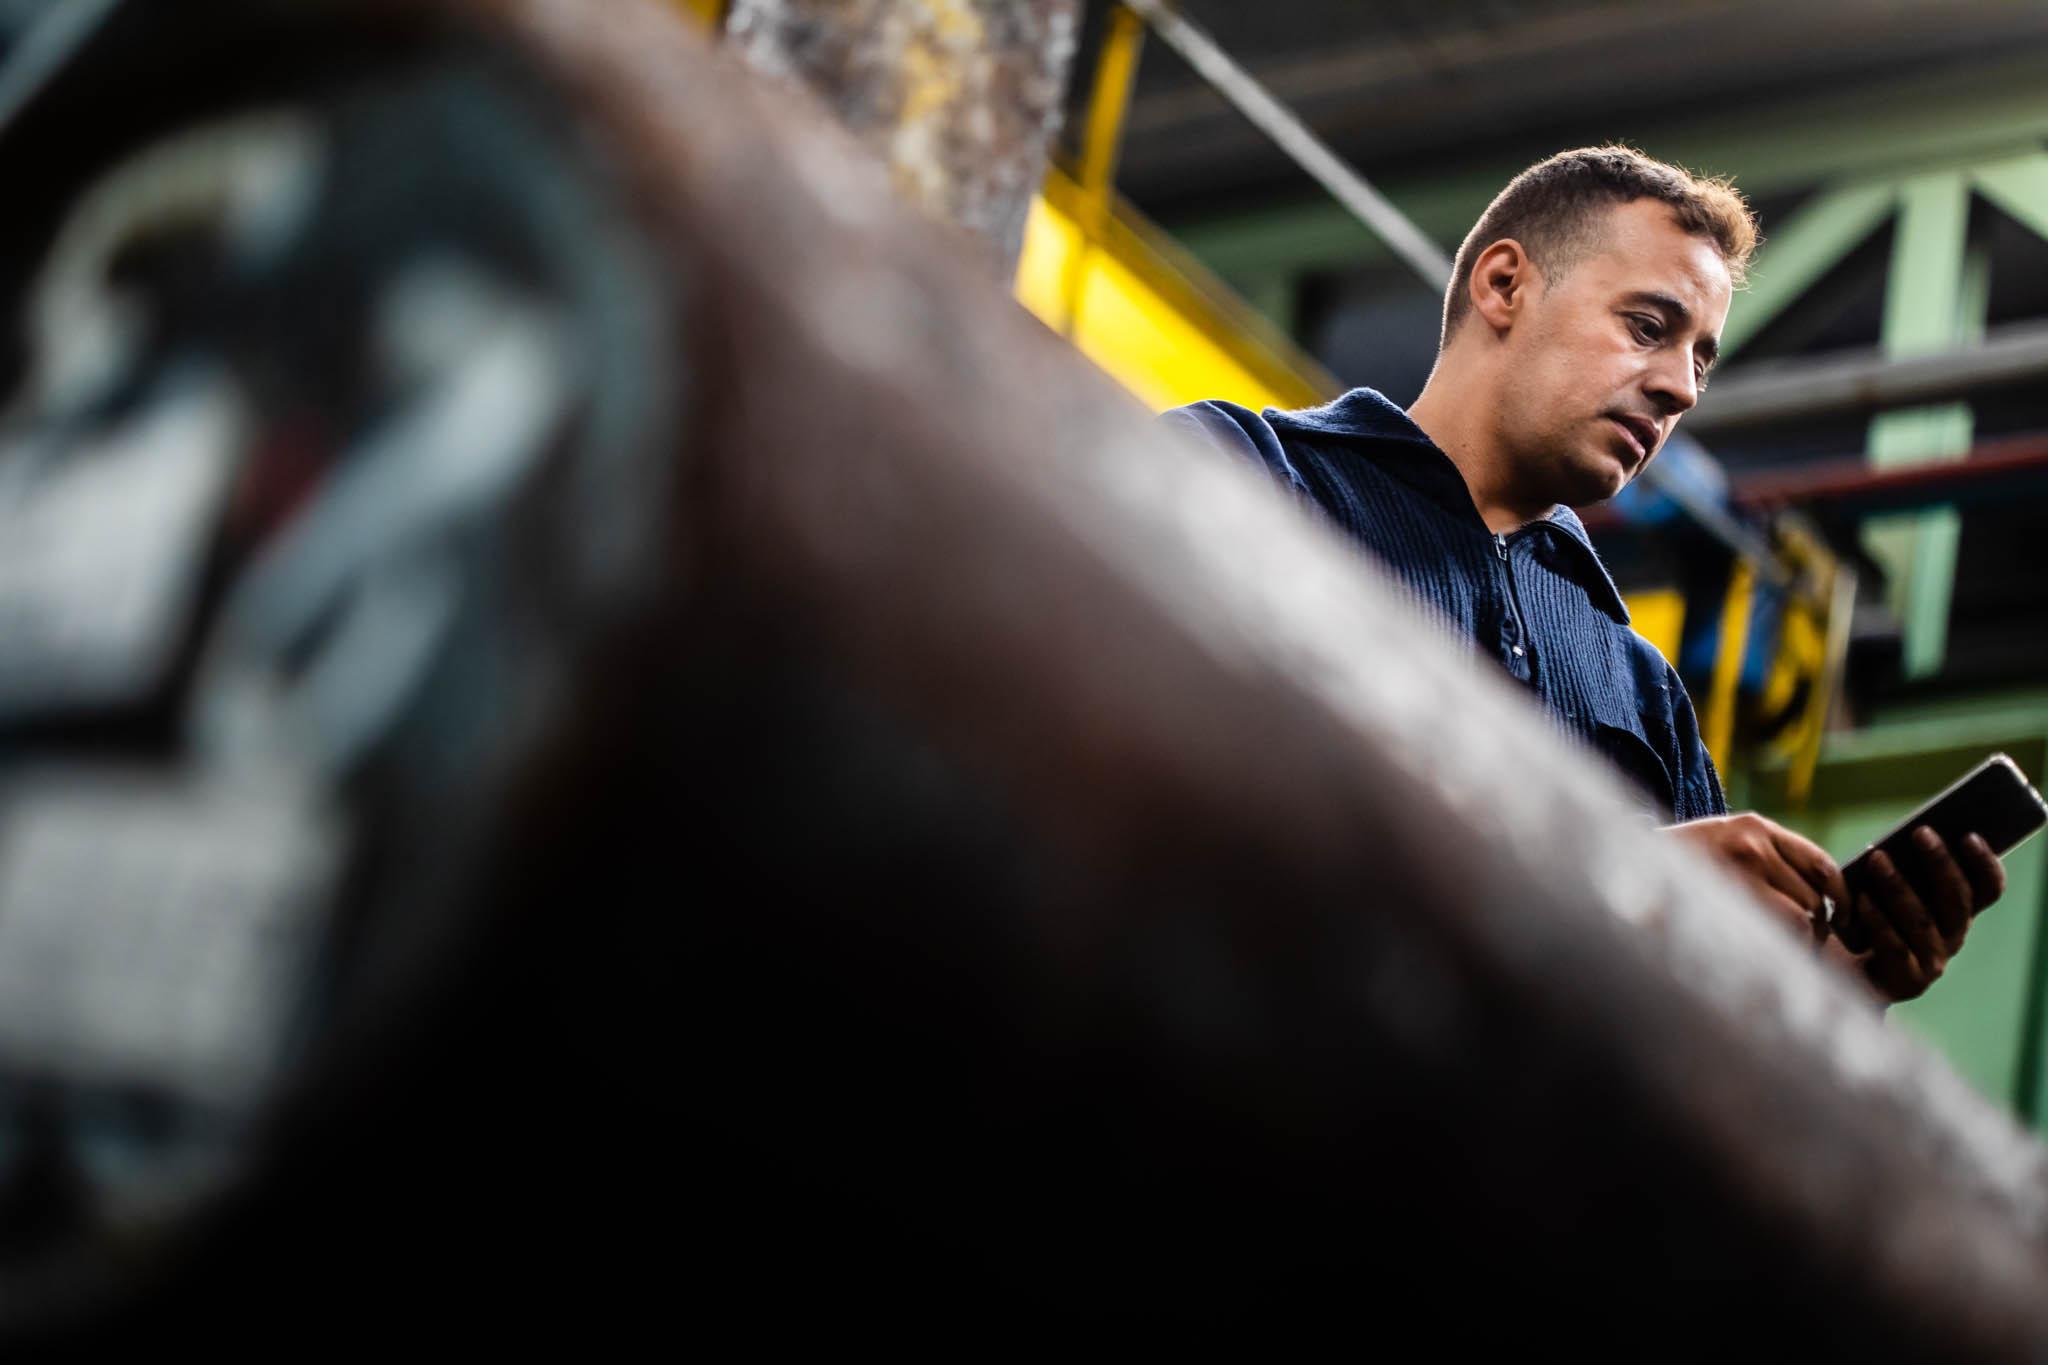 Fotografía para empresas. industrial